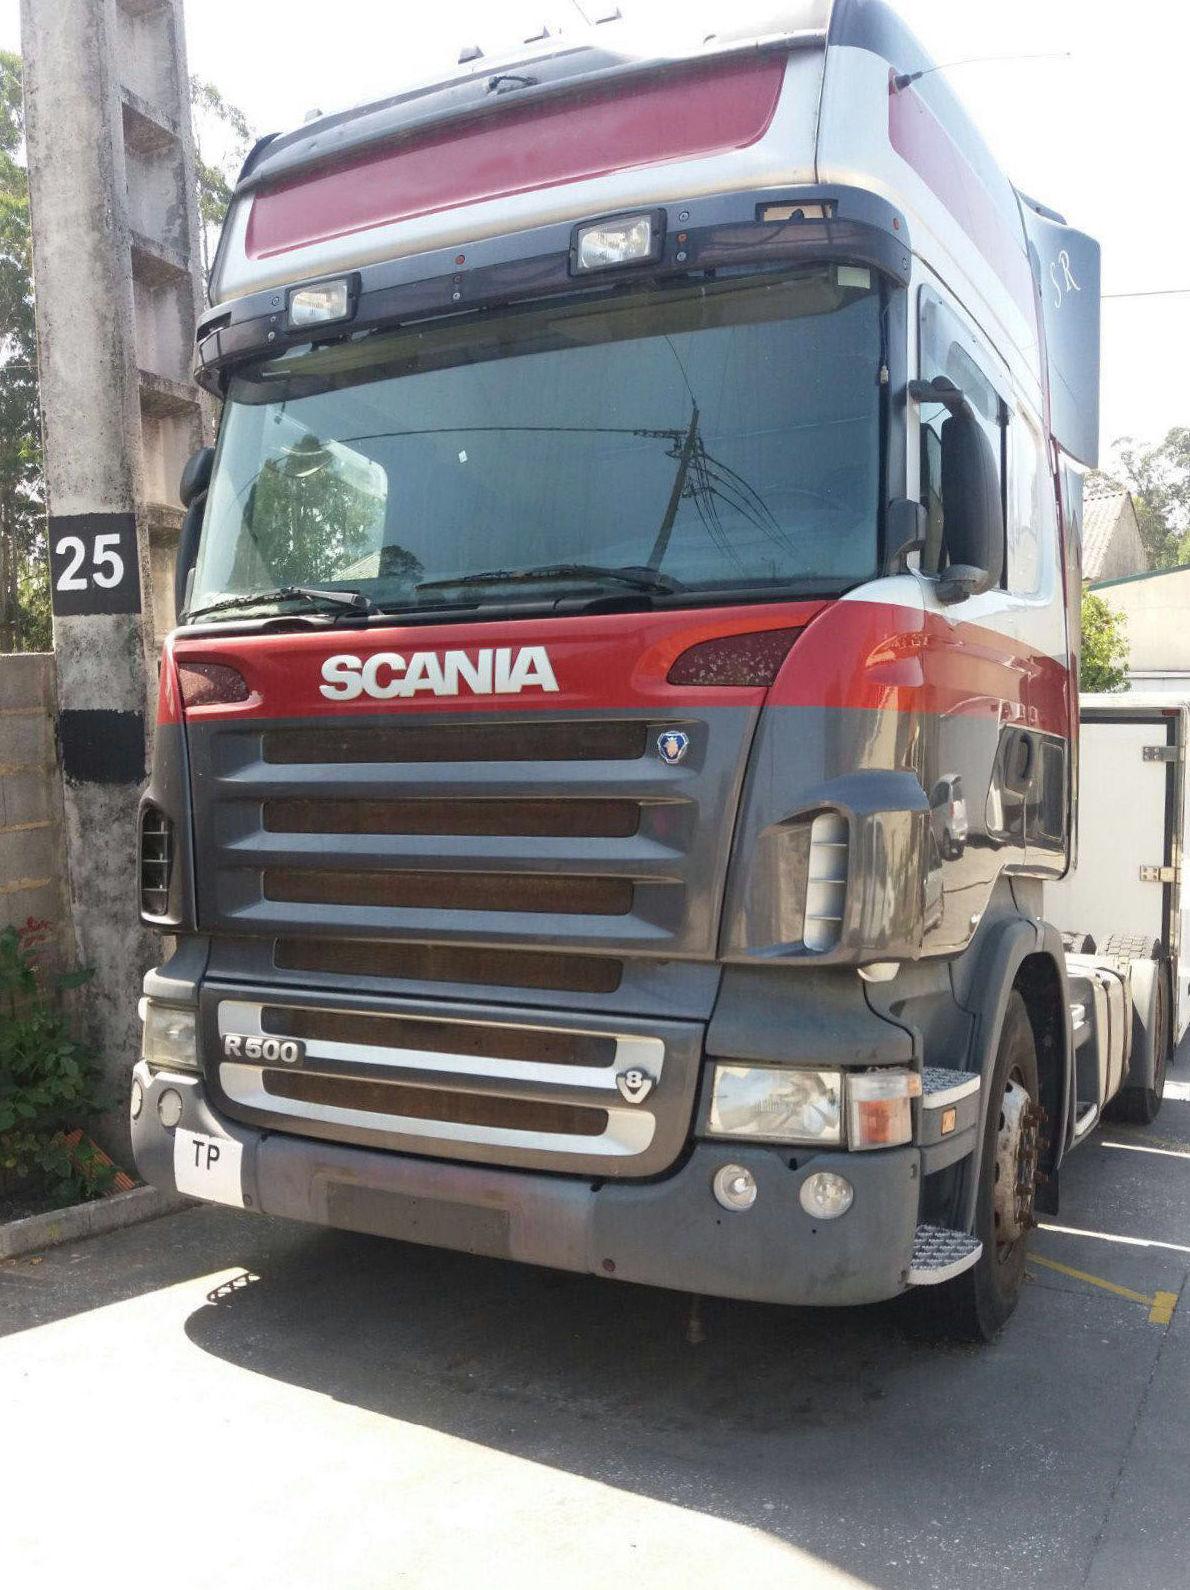 SCANIA R500 -- VENDIDO: Vehículos industriales de Emirtrucks Trading